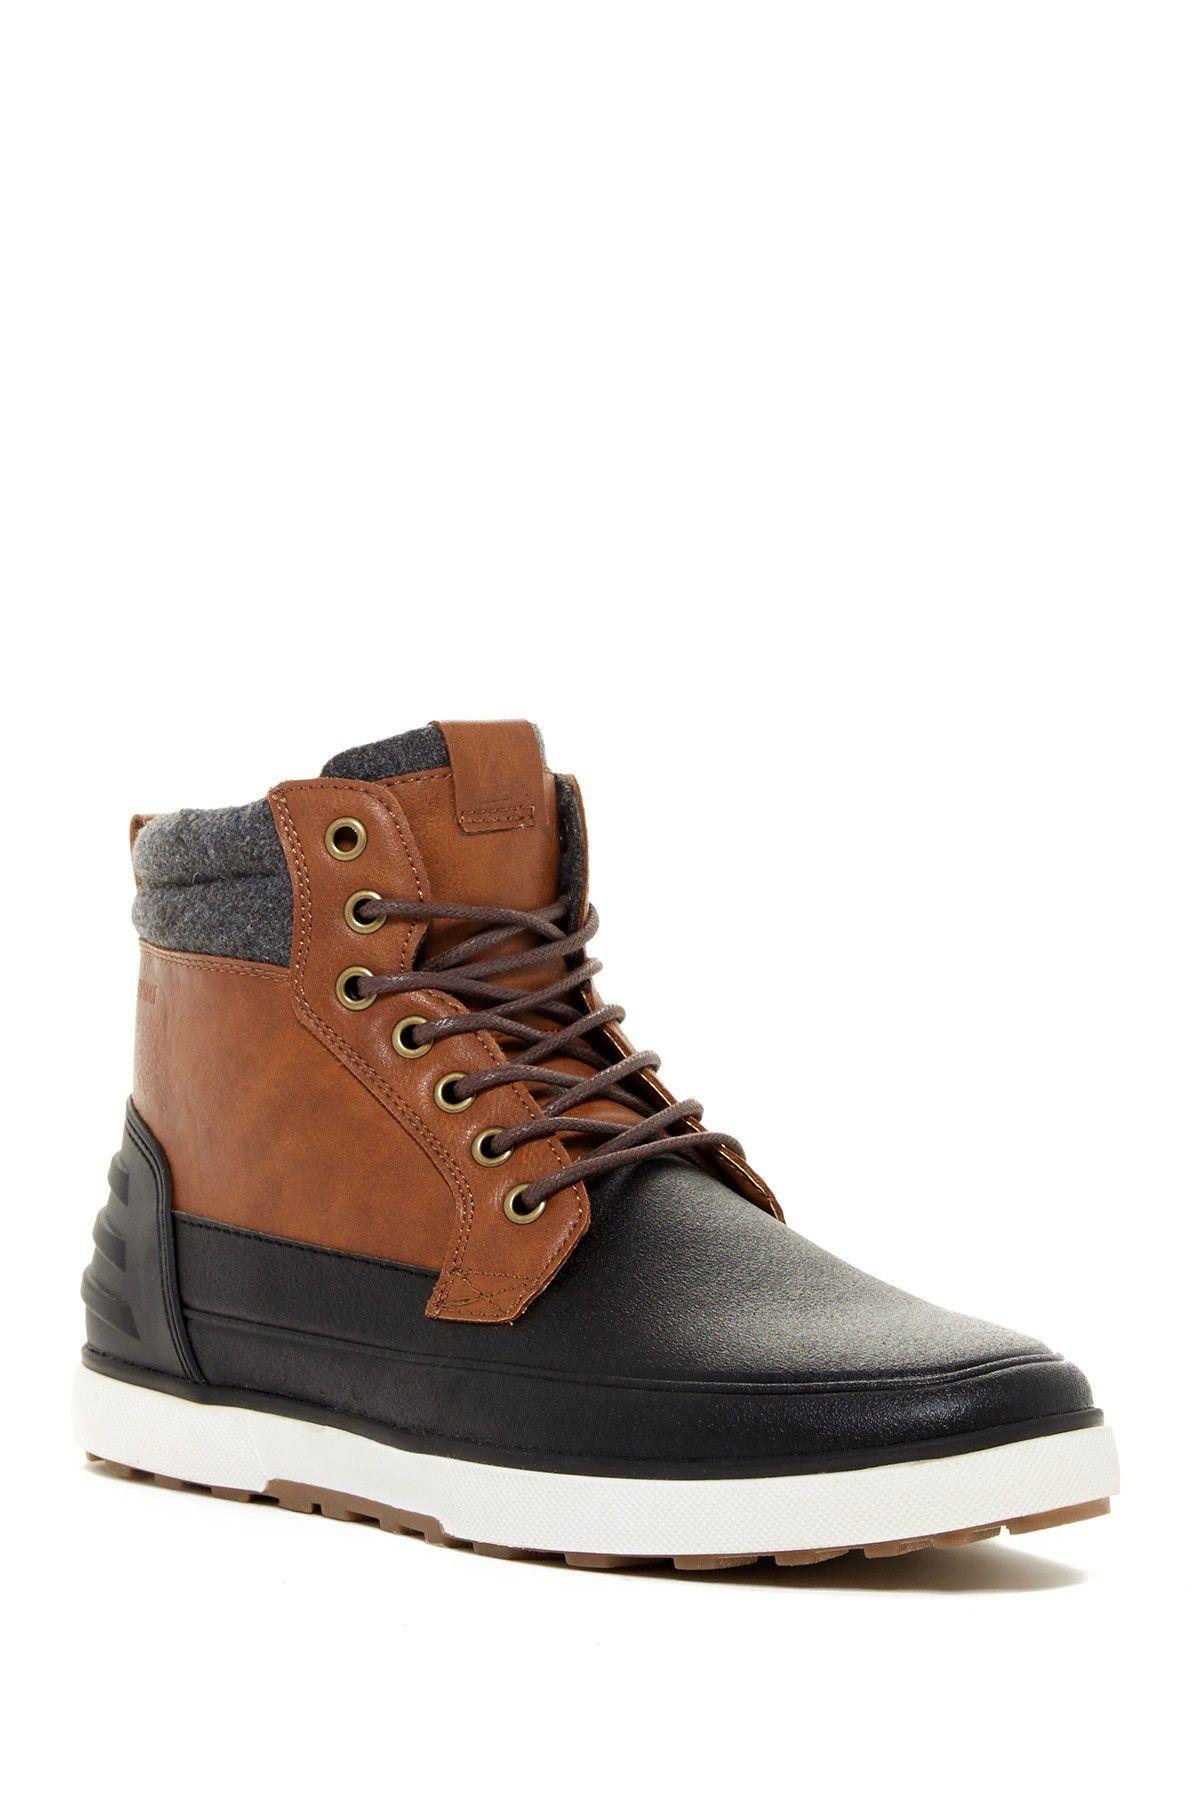 Boots, Mens winter boots, Aldo shoes mens